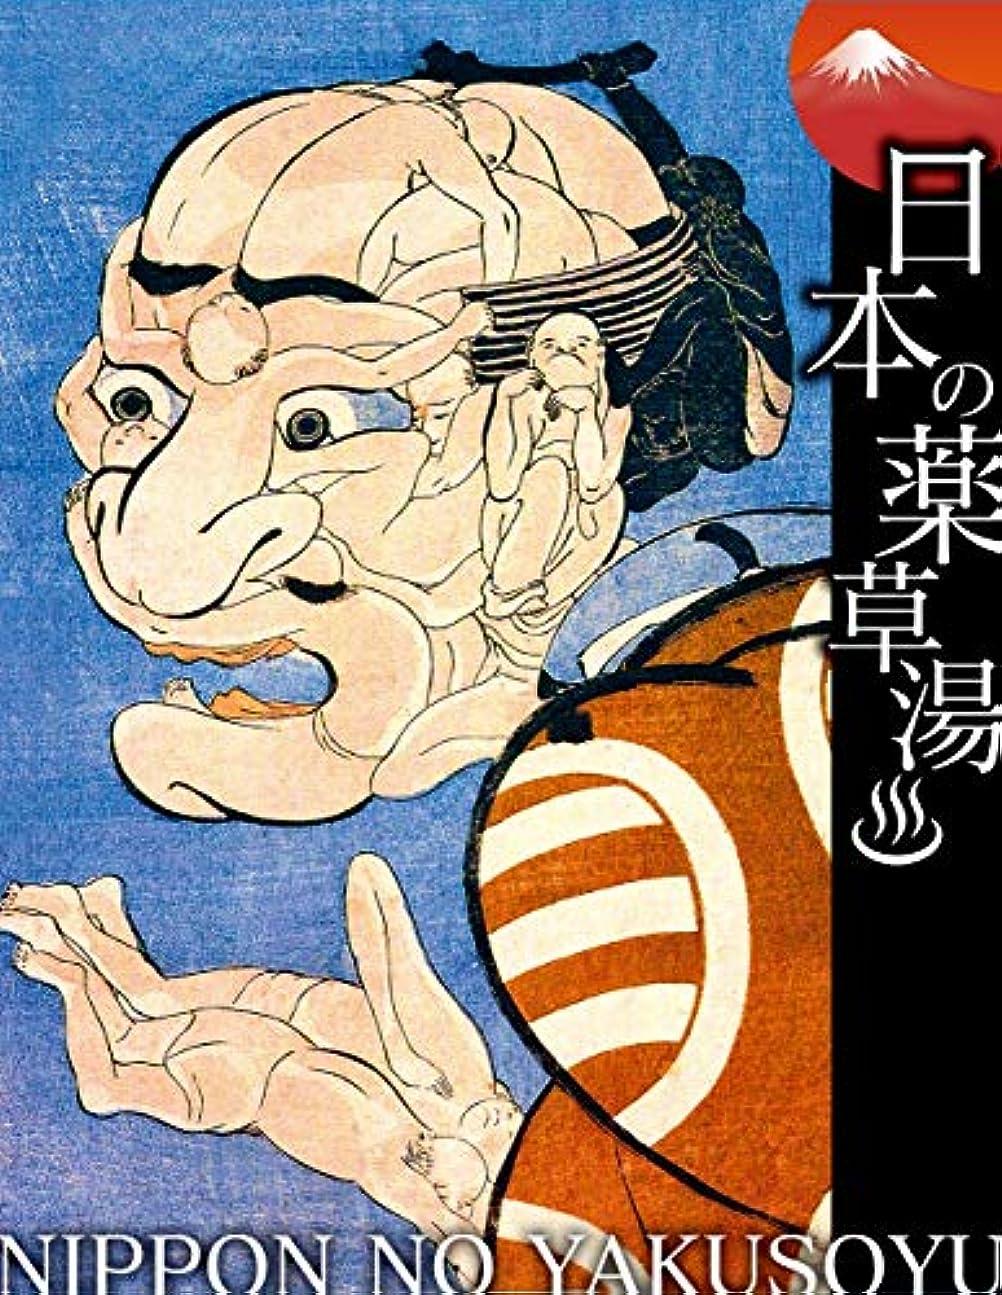 大聖堂谷アトラス日本の薬草湯 みかけハこハゐがとんだいゝ人だ